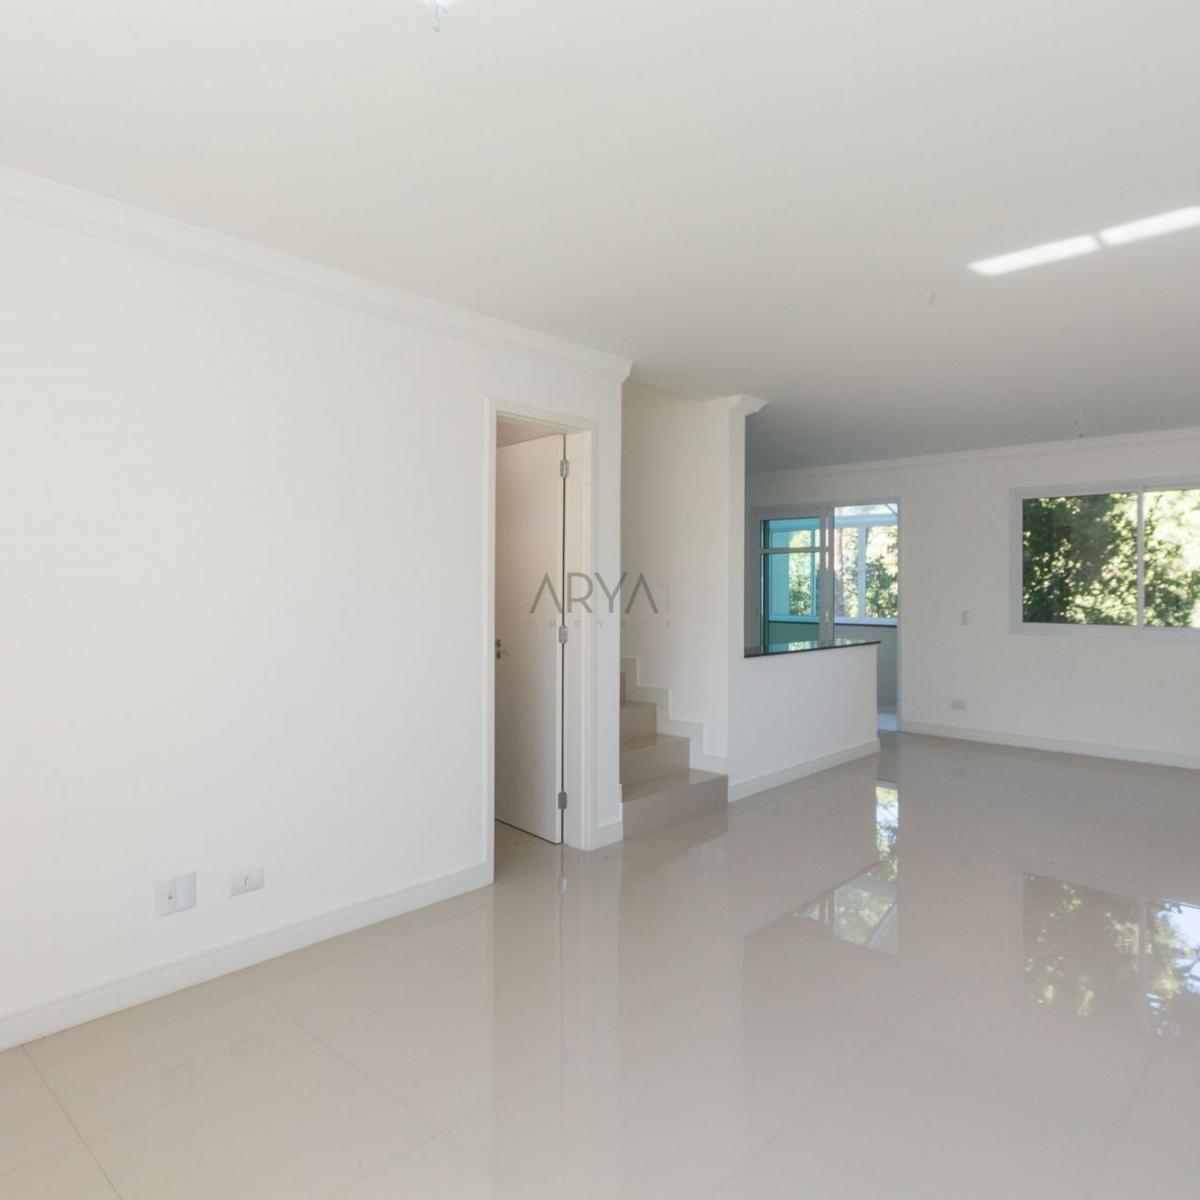 http://www.infocenterhost2.com.br/crm/fotosimovel/208844/01_living_sobrado_3_quartos_campo_comprido.jpg